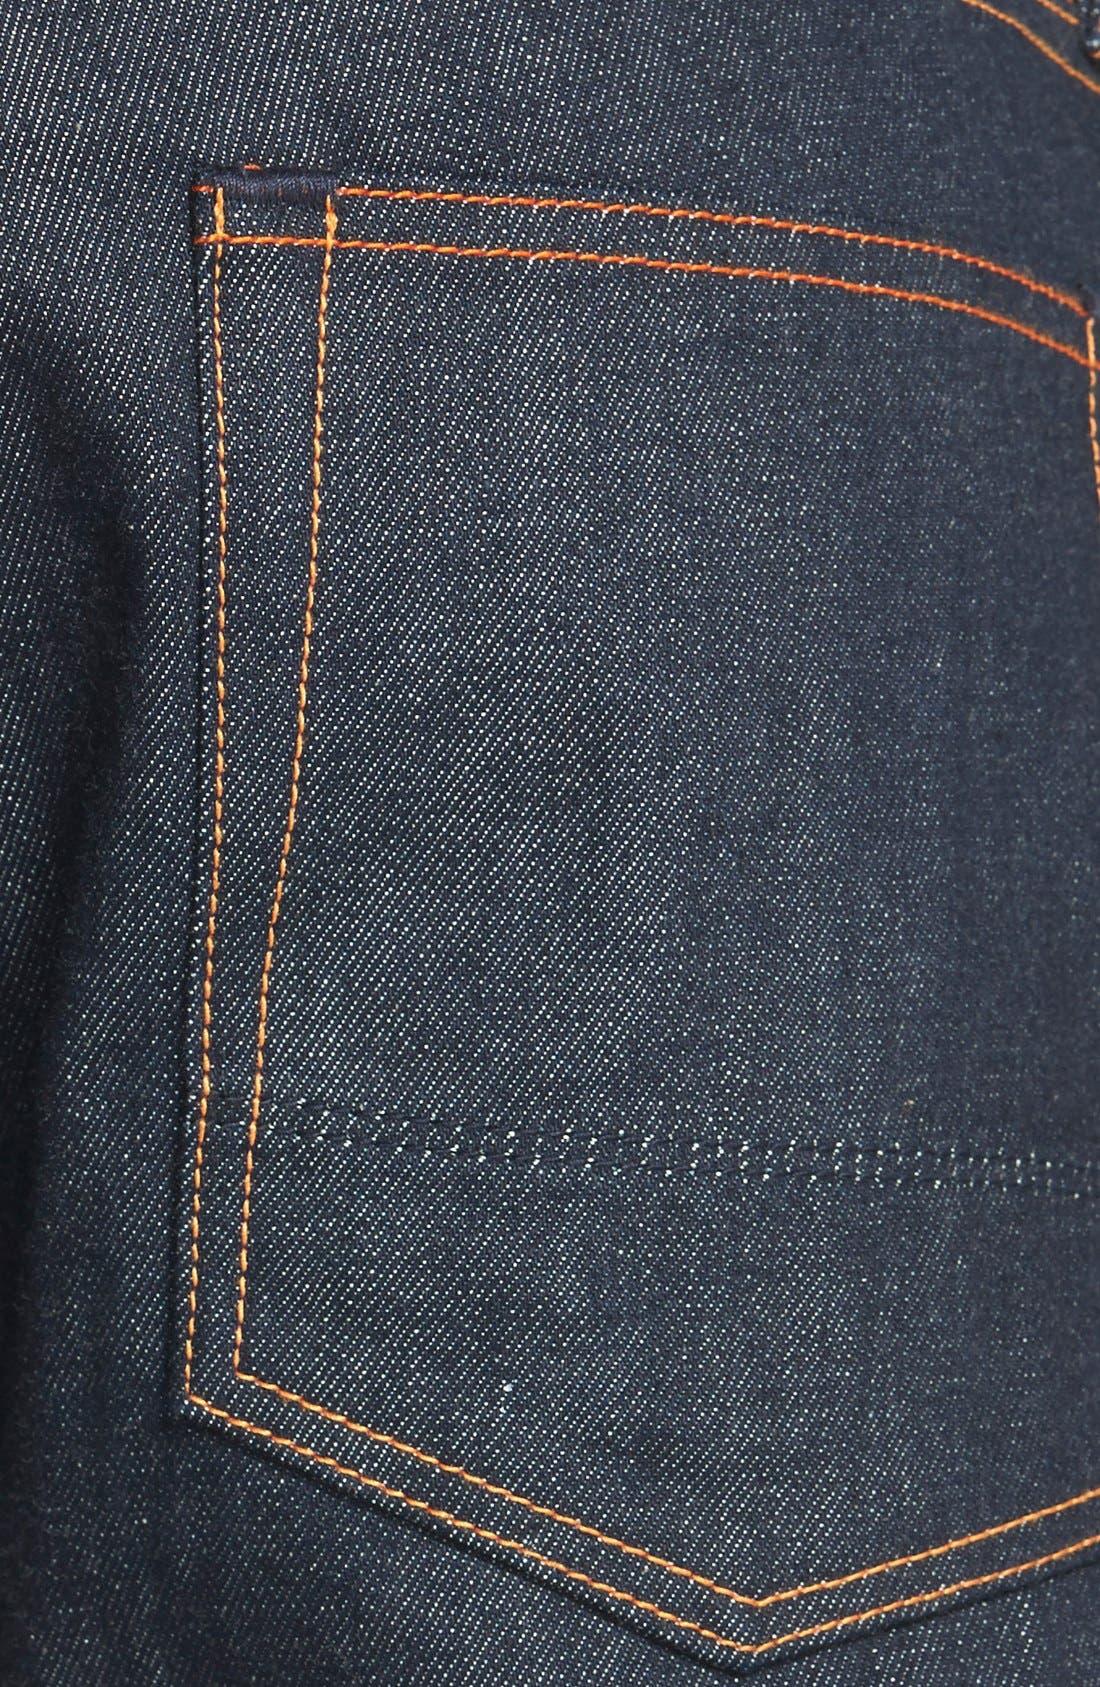 'Rocker' Straight Leg Selvedge Jeans,                             Alternate thumbnail 4, color,                             419